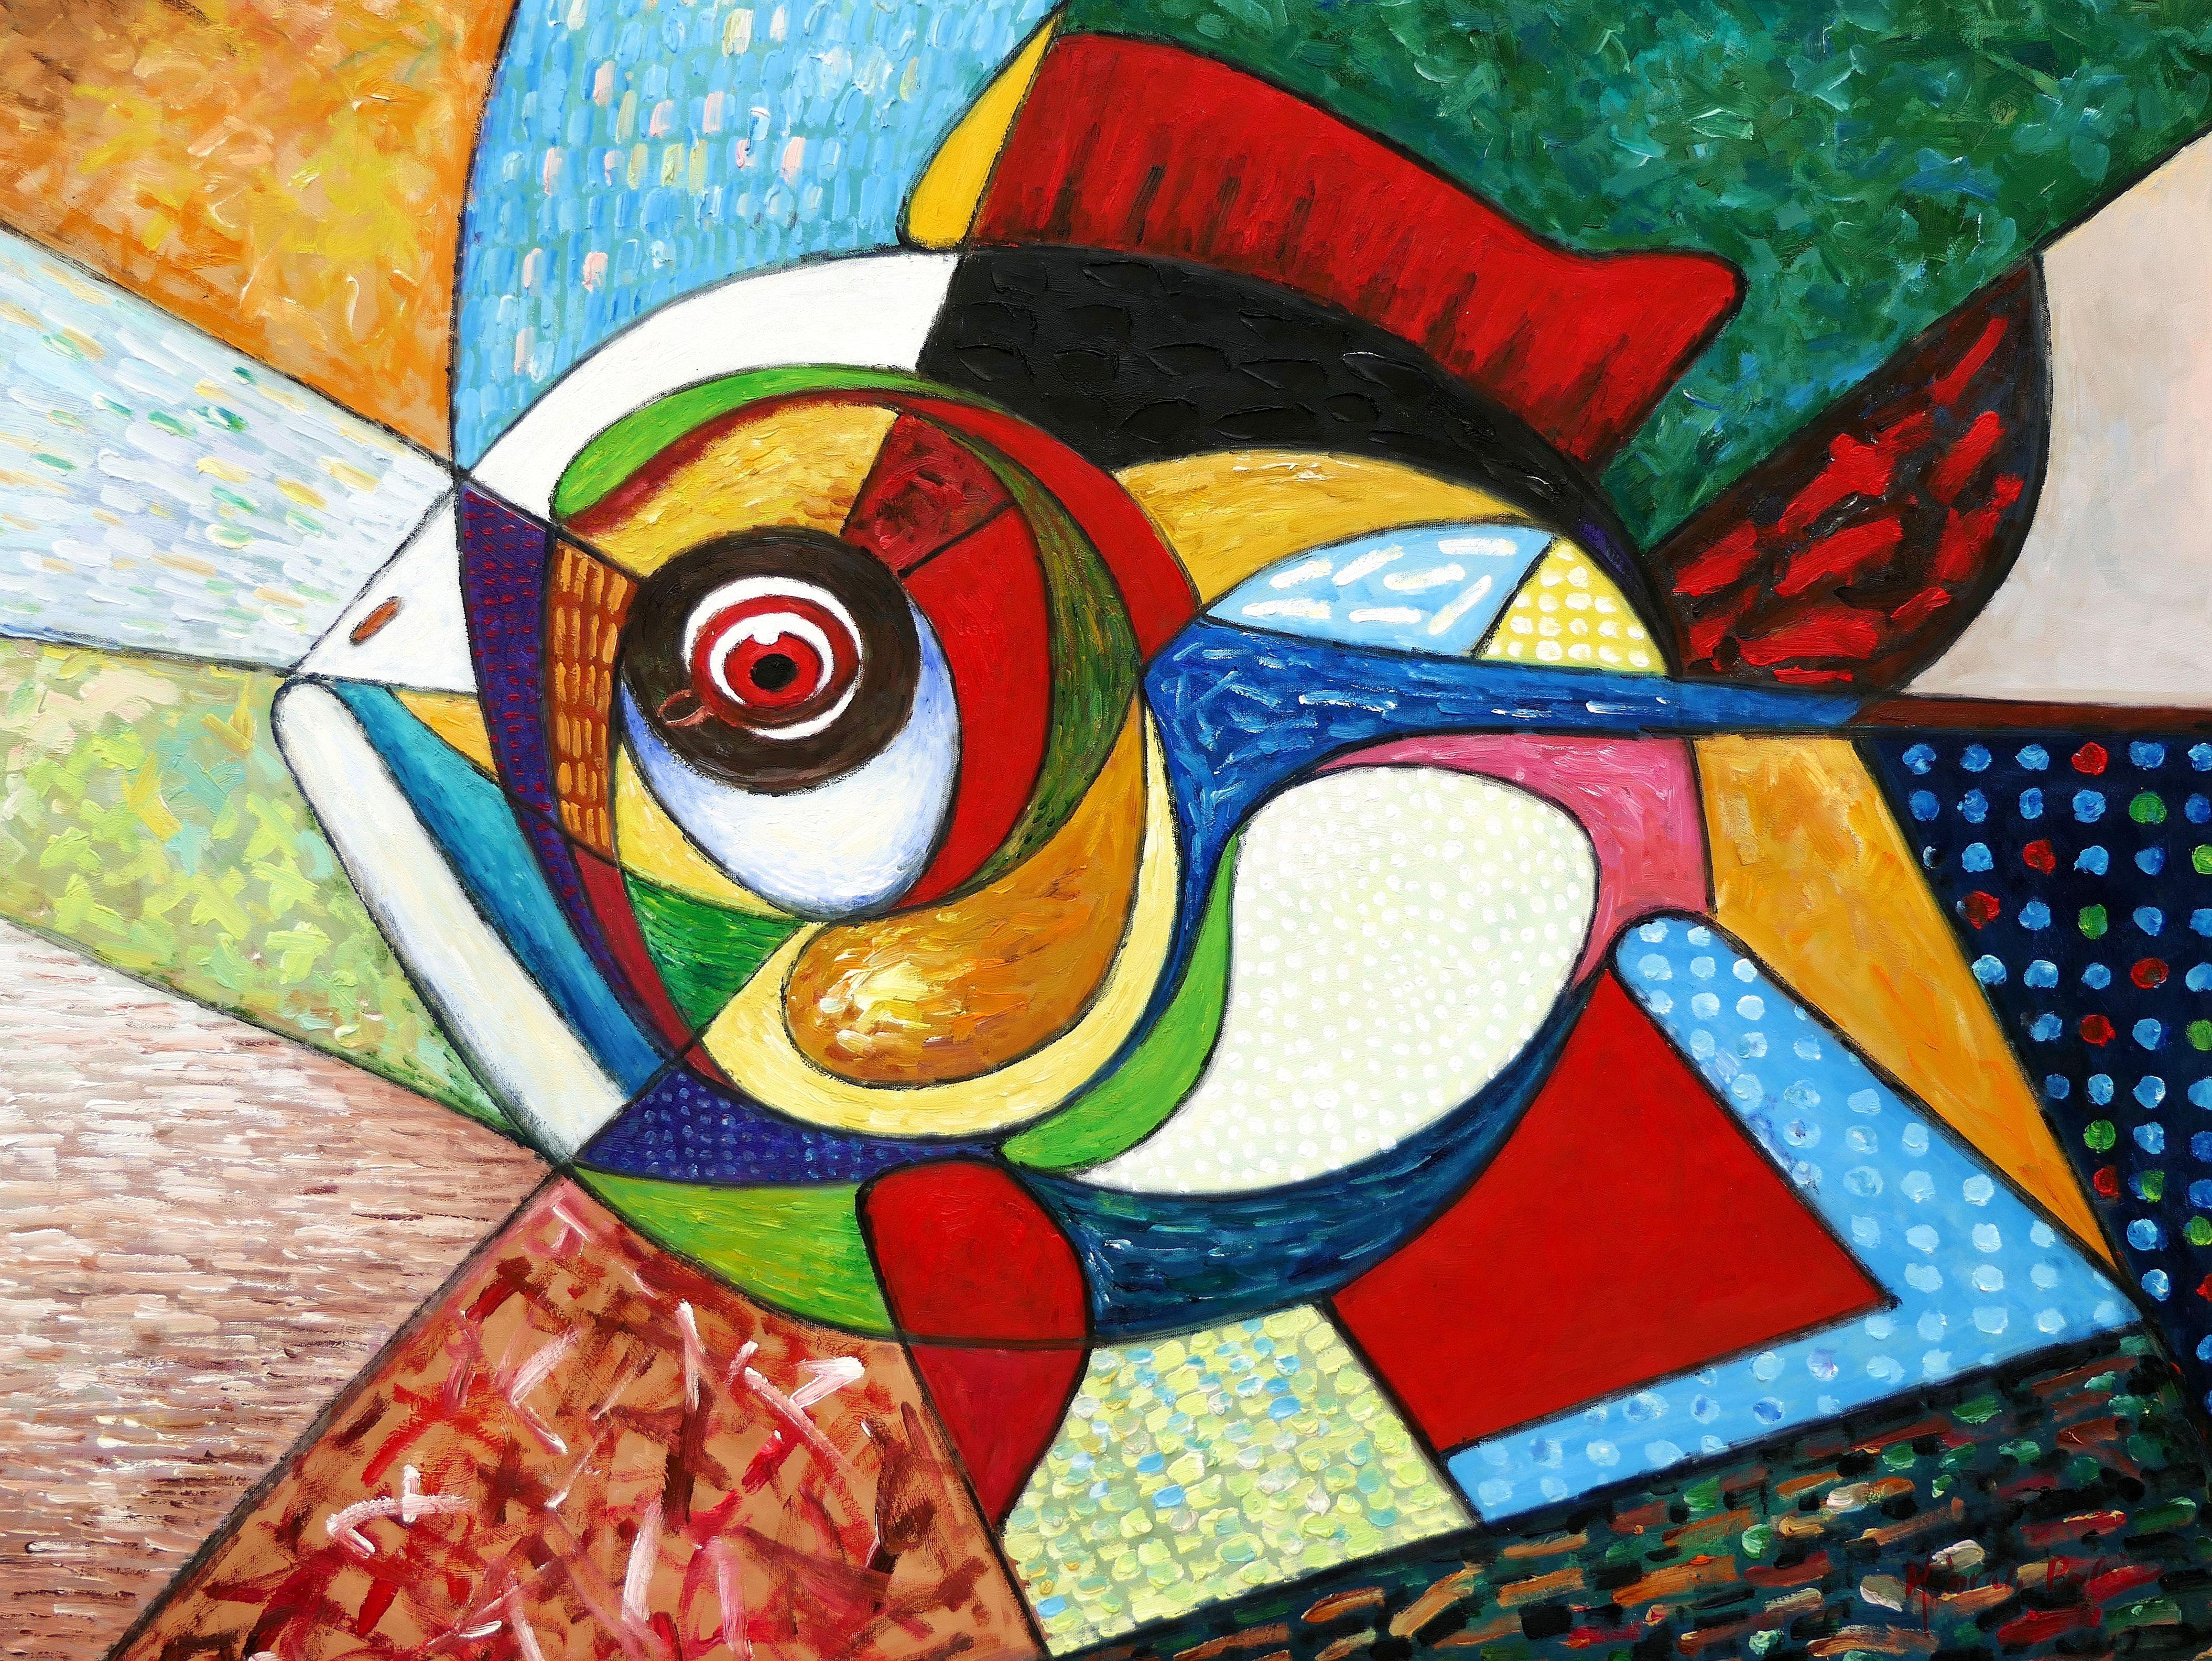 Abstrakt - Der lustige Clownfisch i97463 80x110cm lustiges Ölbild